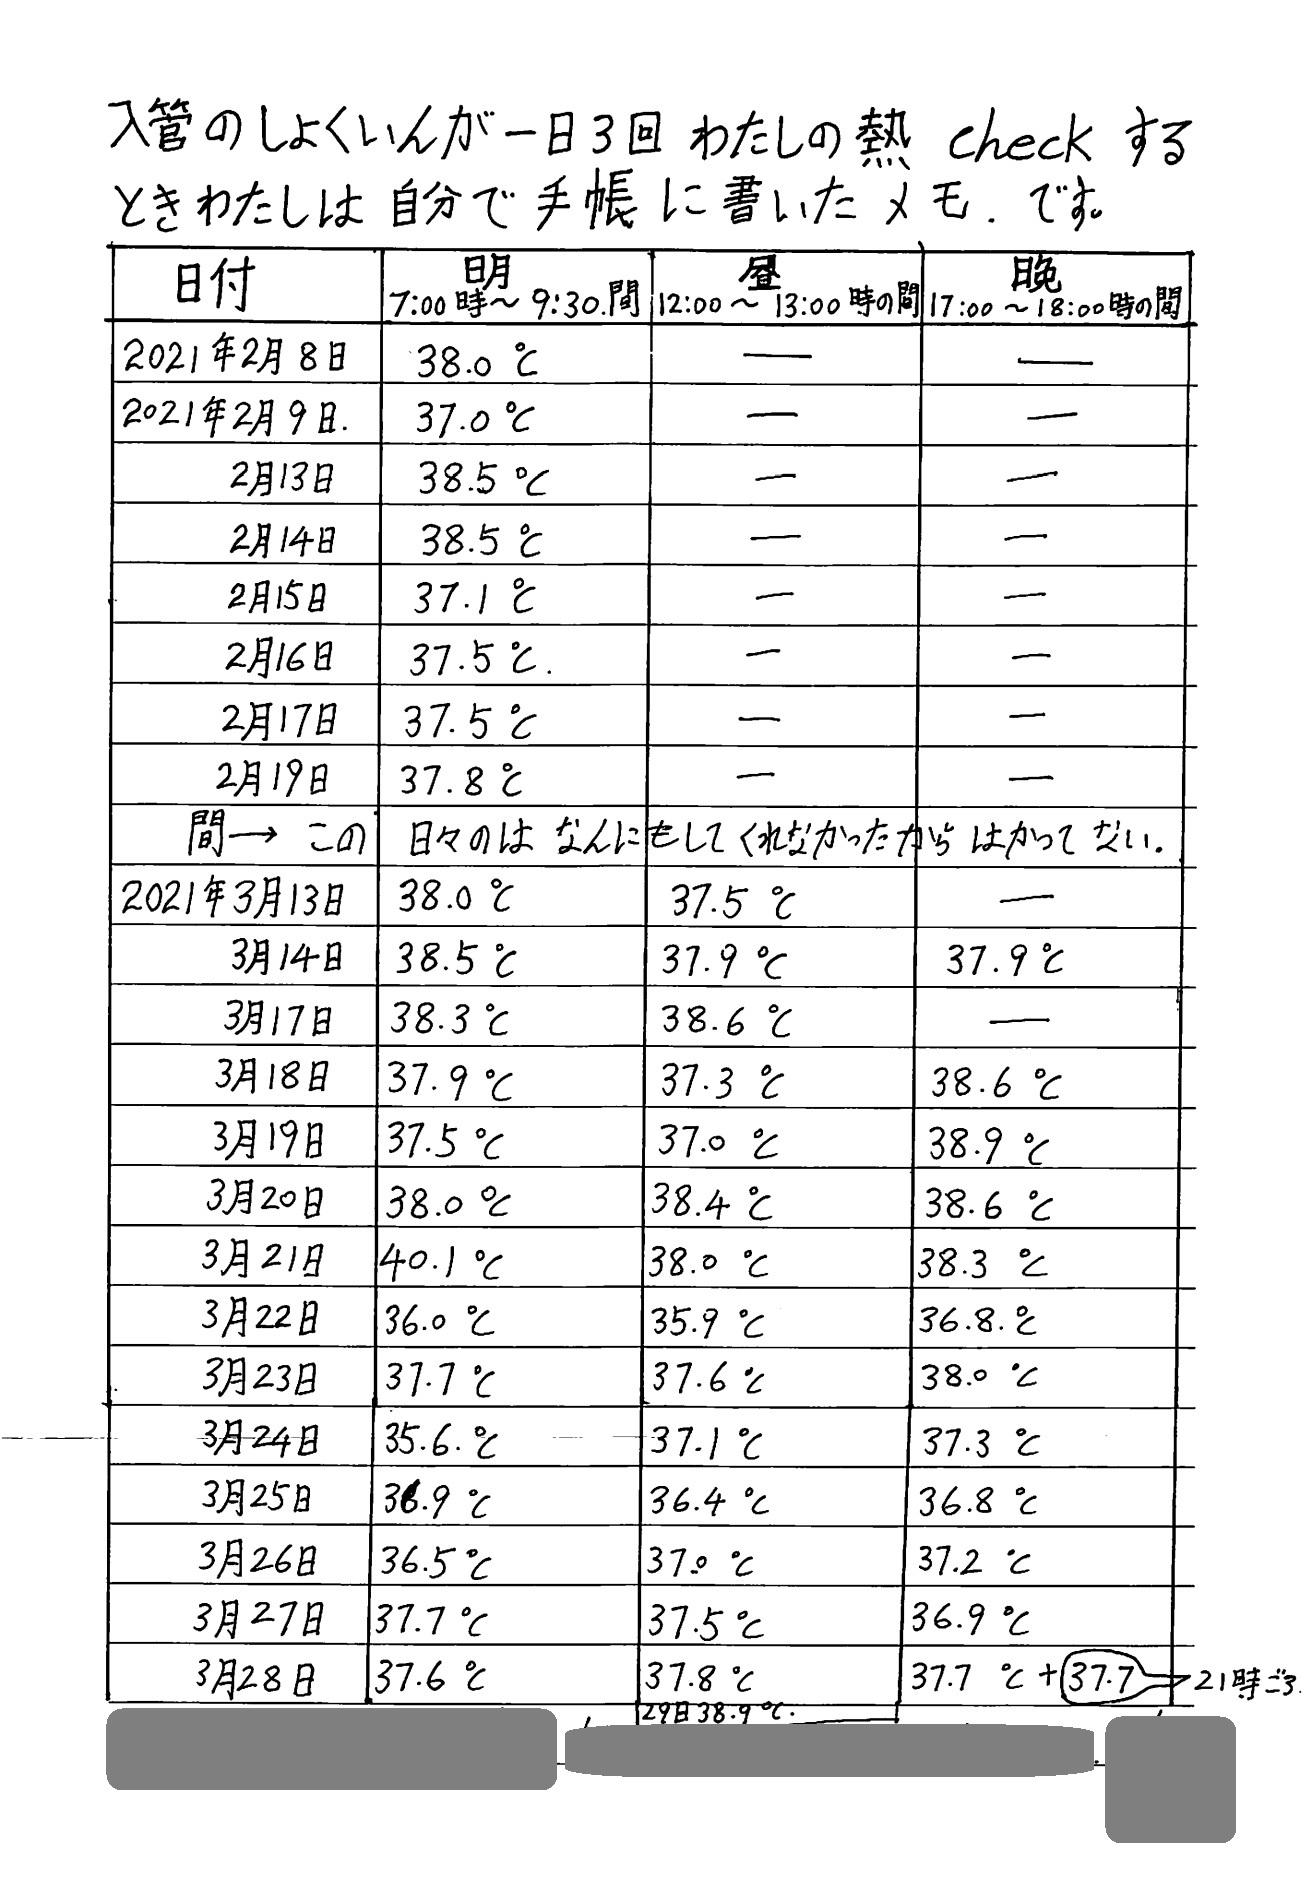 東京入管コロナ感染者の続報 40度の発熱でも放置、通院時には手錠 _e0188516_00541229.jpg